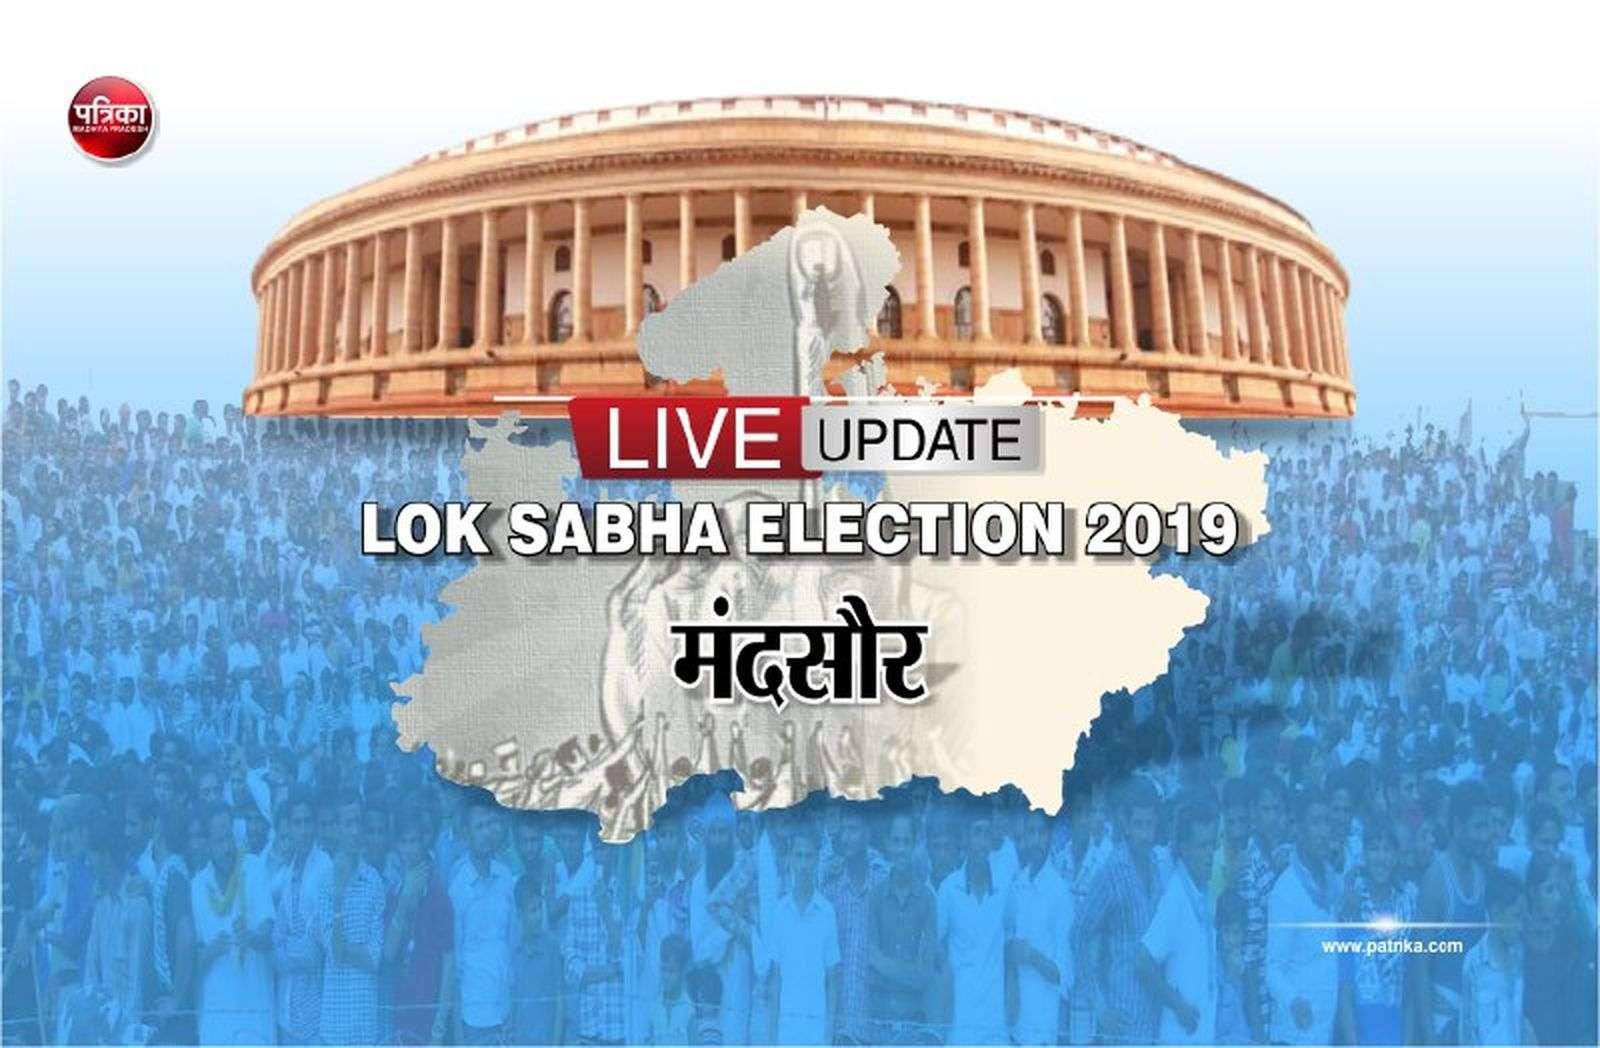 11 बजे तक संसदीय क्षेत्र में 32.65 तो जिले में 32.75 हुआ मतदान